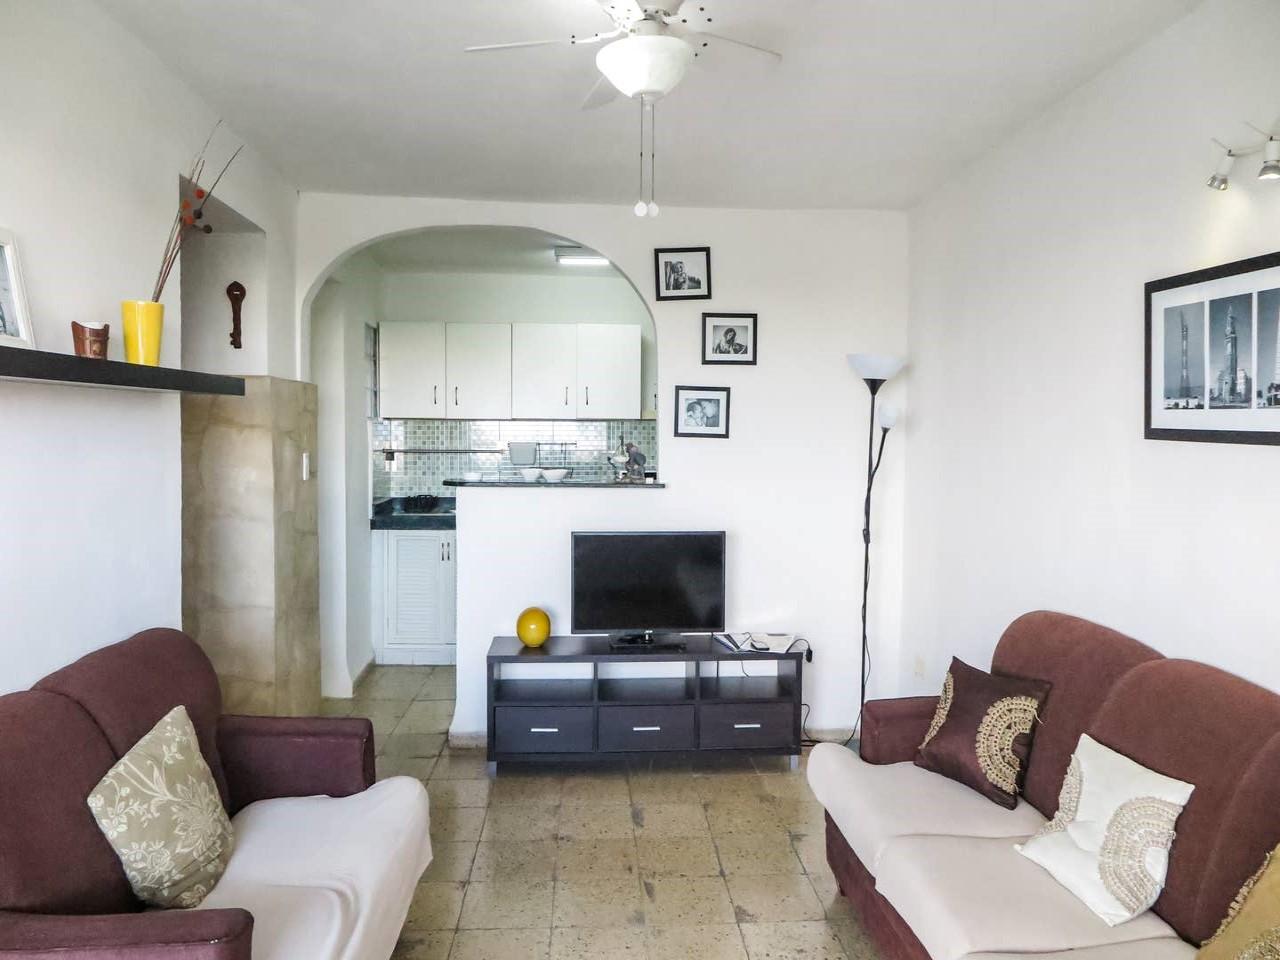 Apartamento La Plaza -                                                 Sala de estar